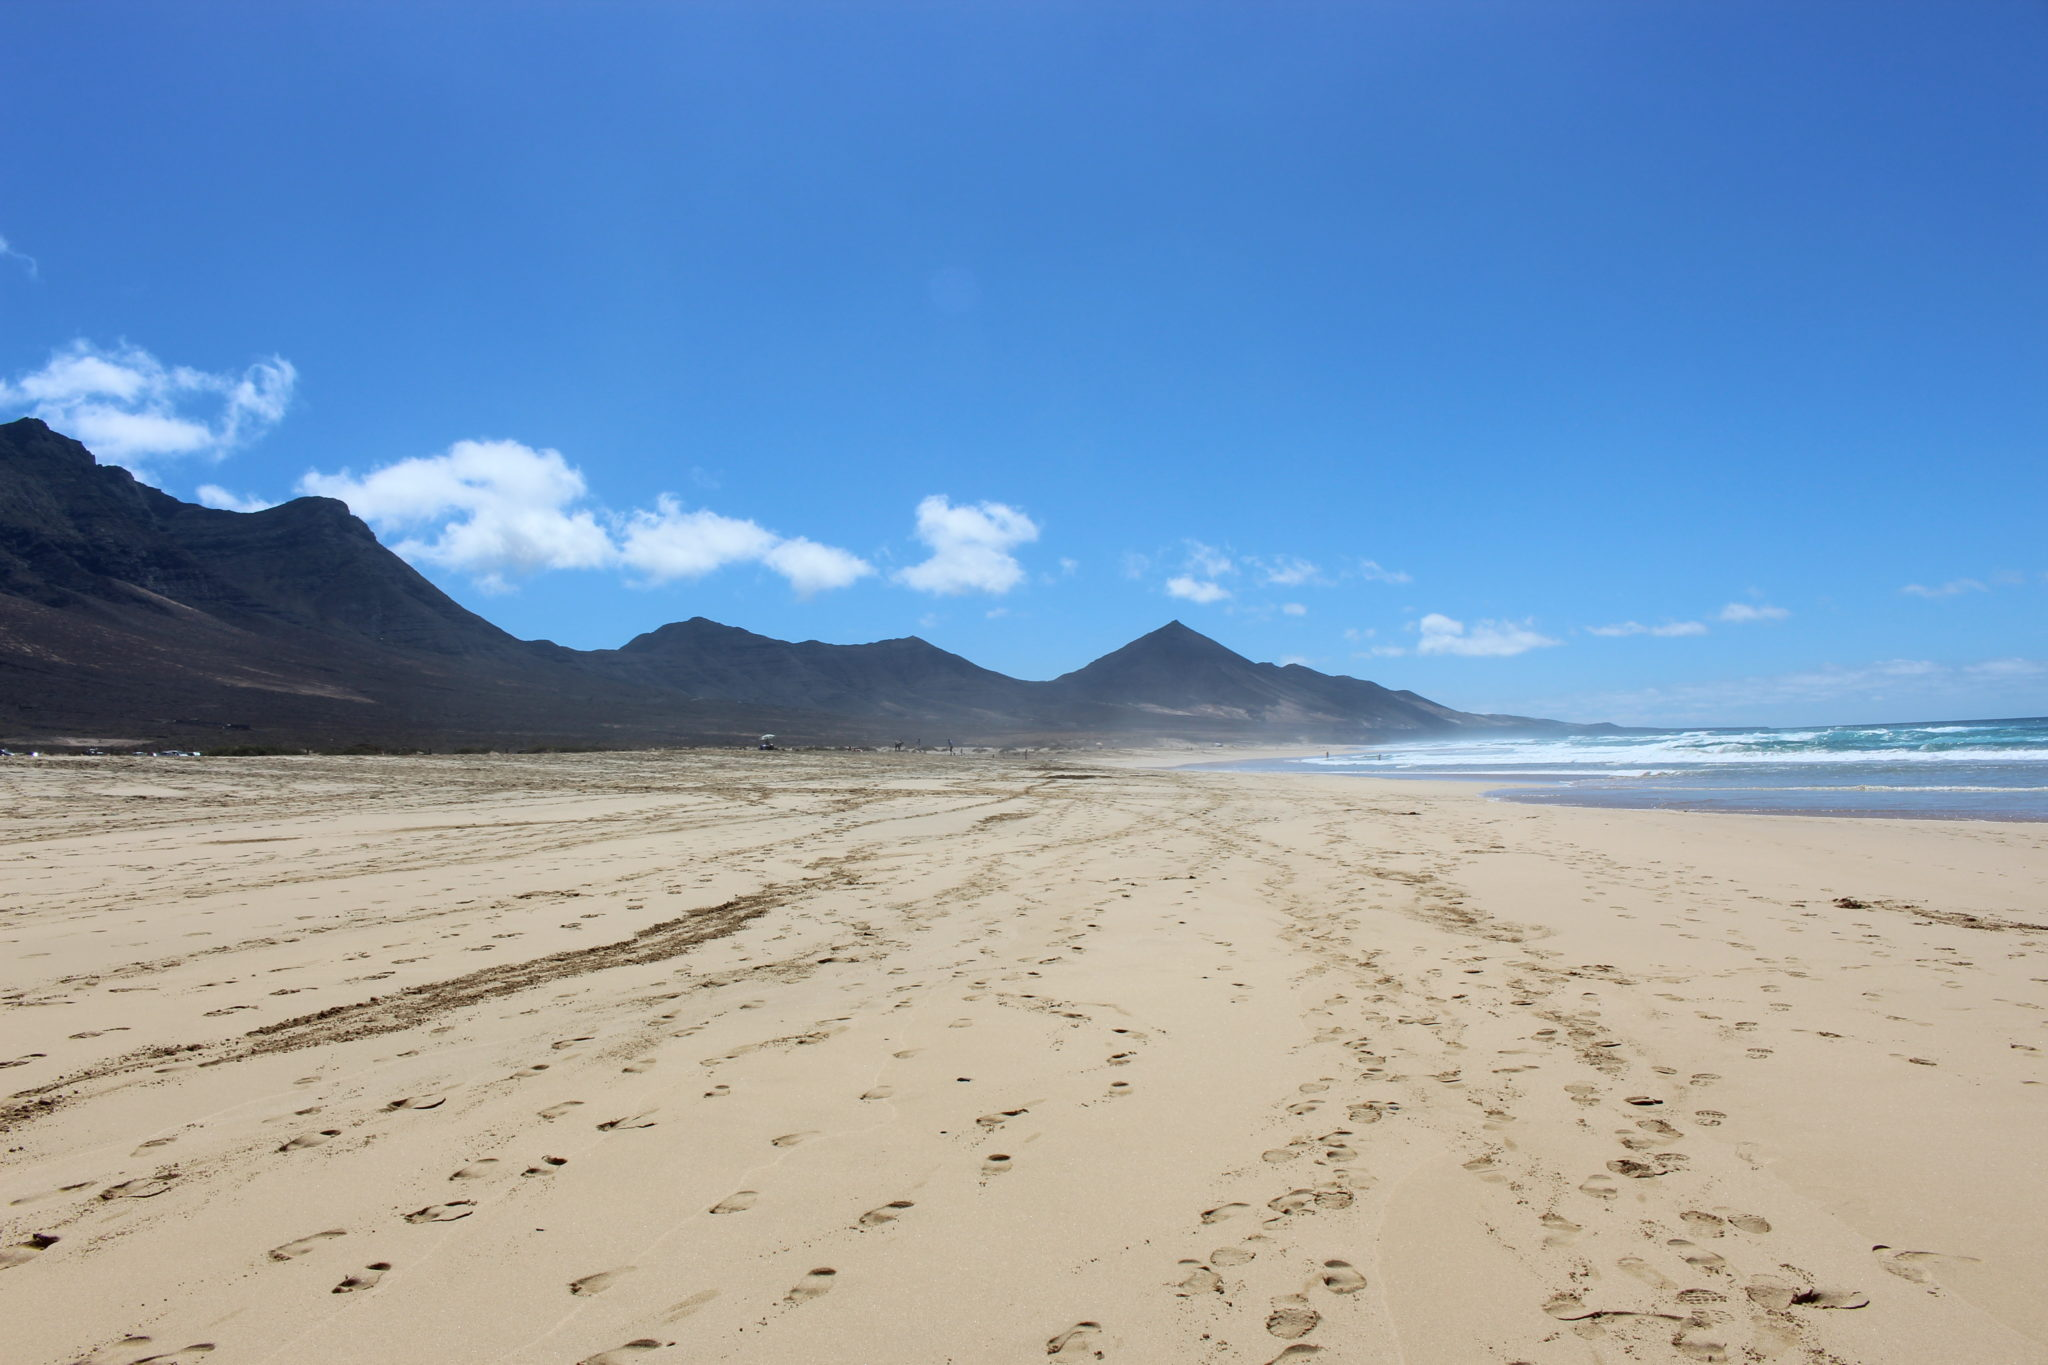 Ciekawa faktura piasku może ładnie urozmaicić zdjęcie.